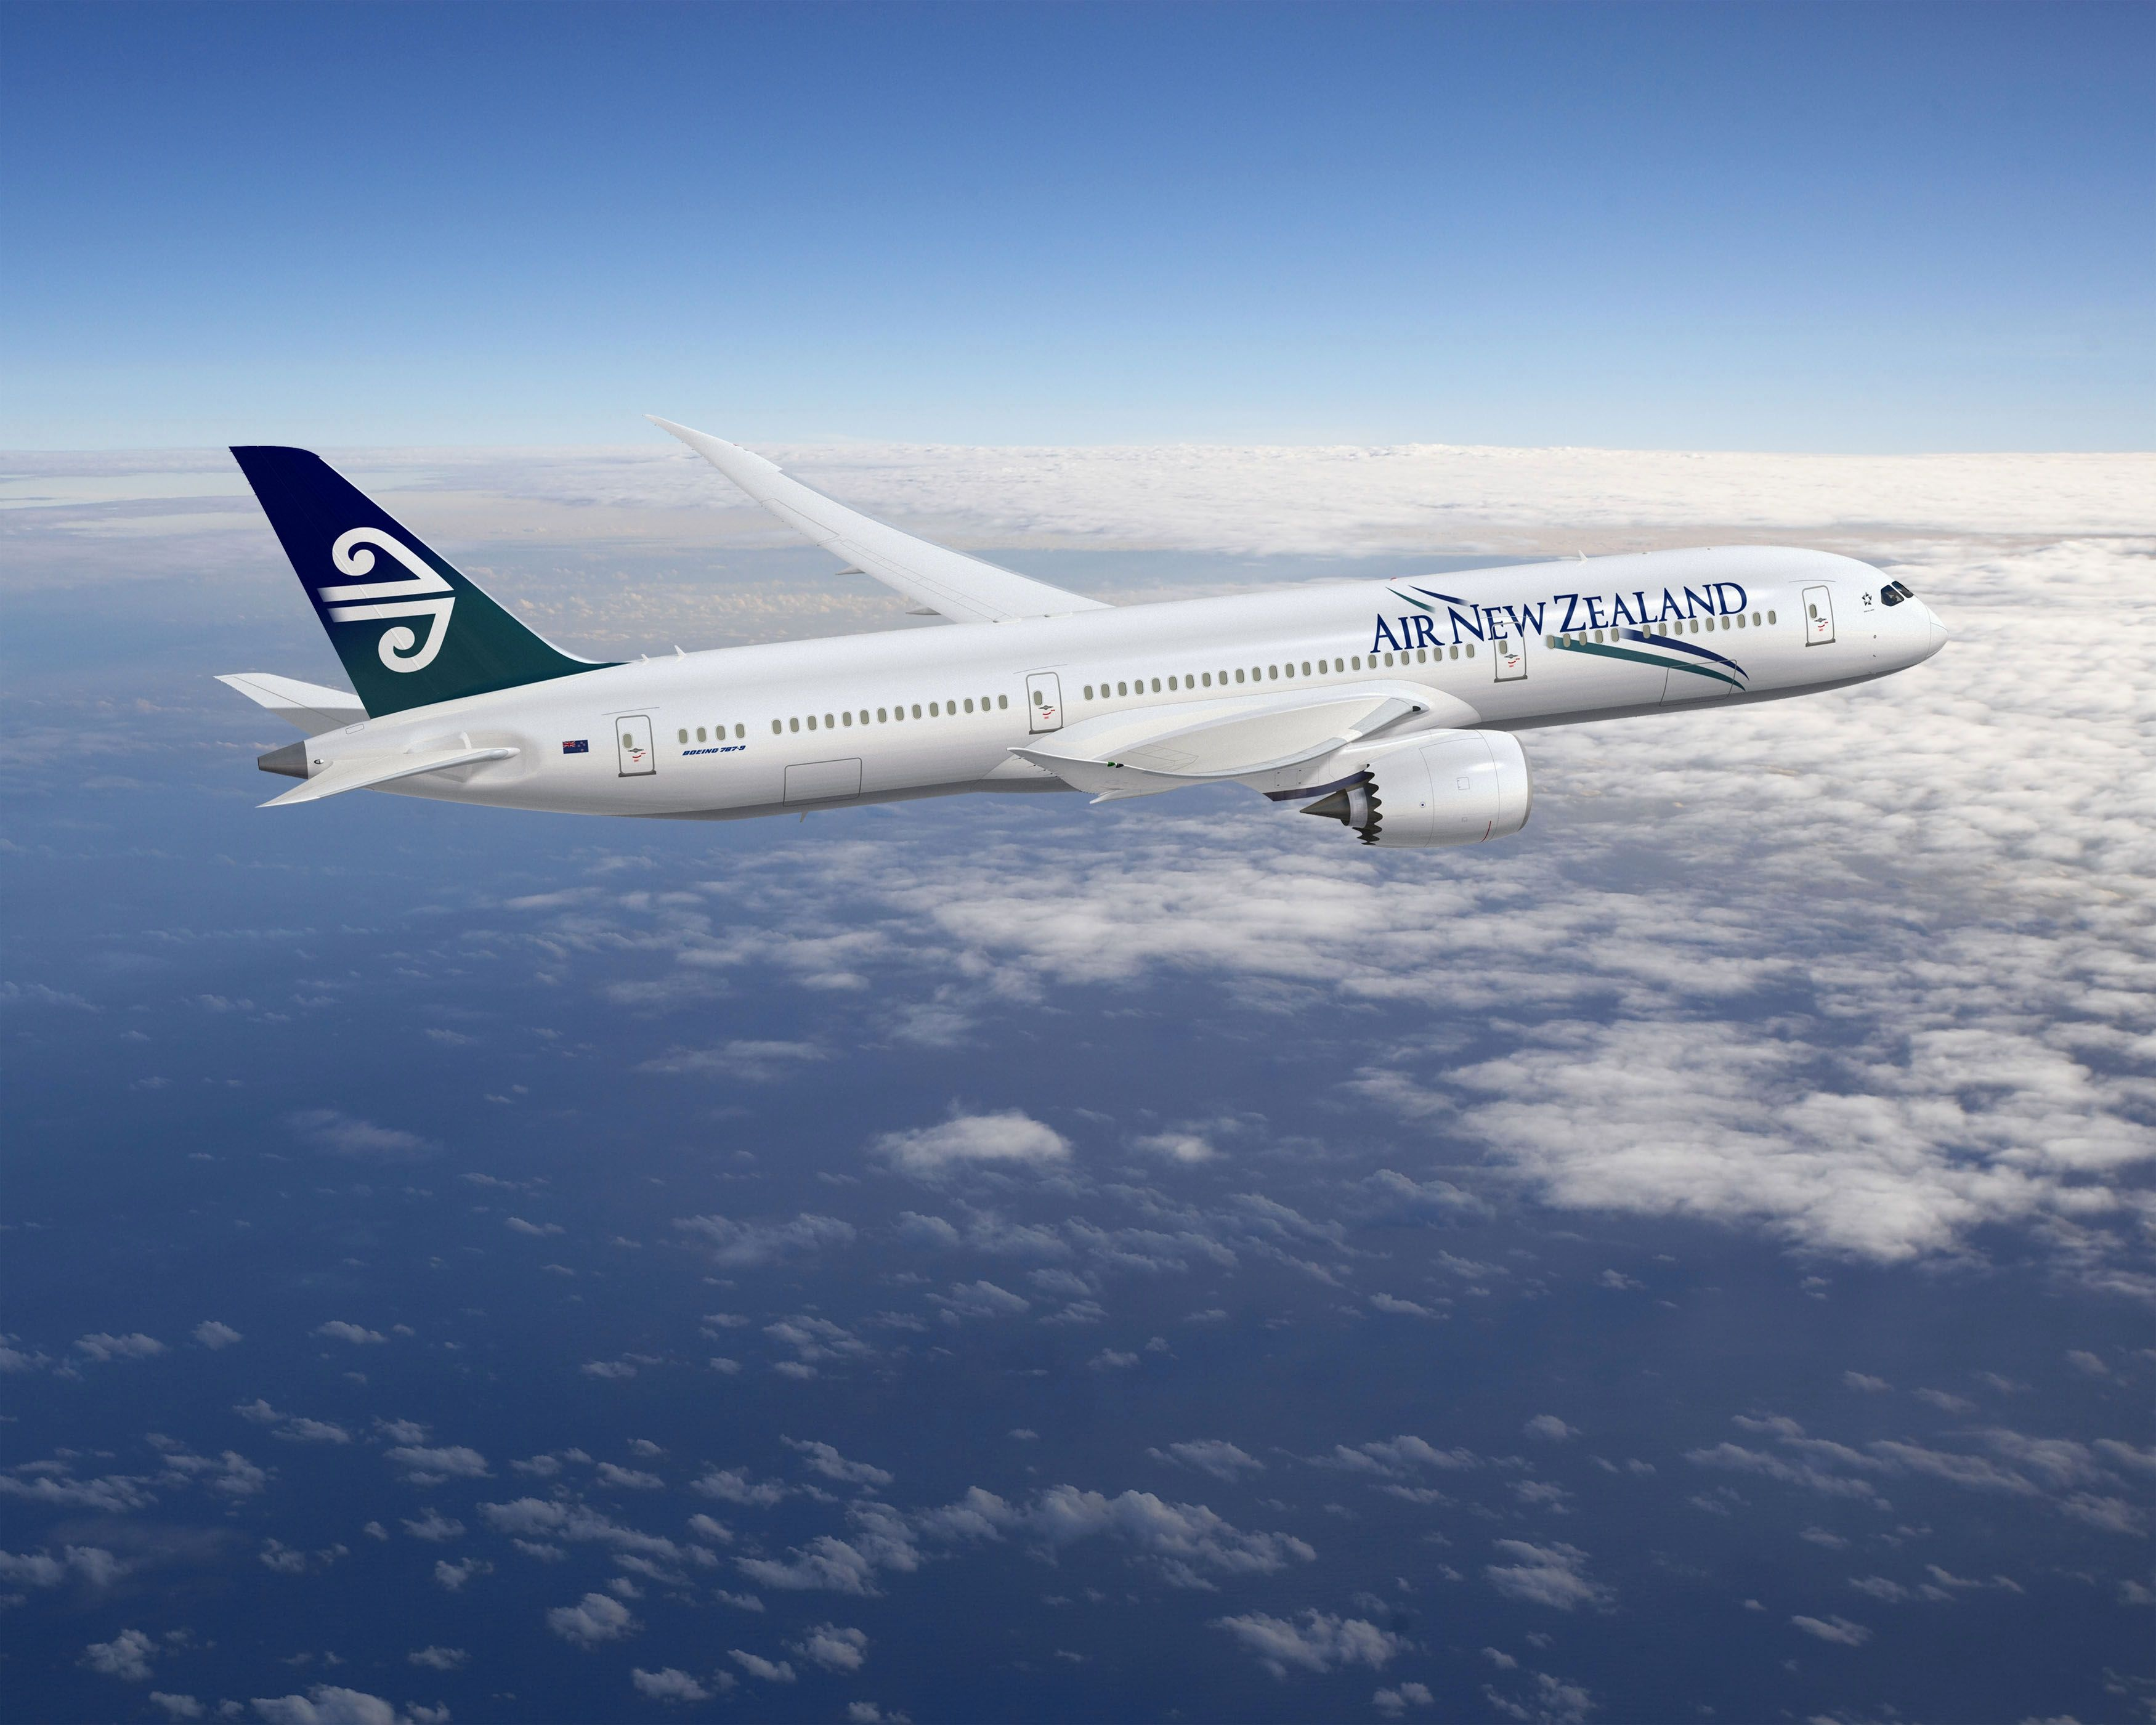 新西兰航空因787引擎问题取消大量航班 1.4万人或受影响